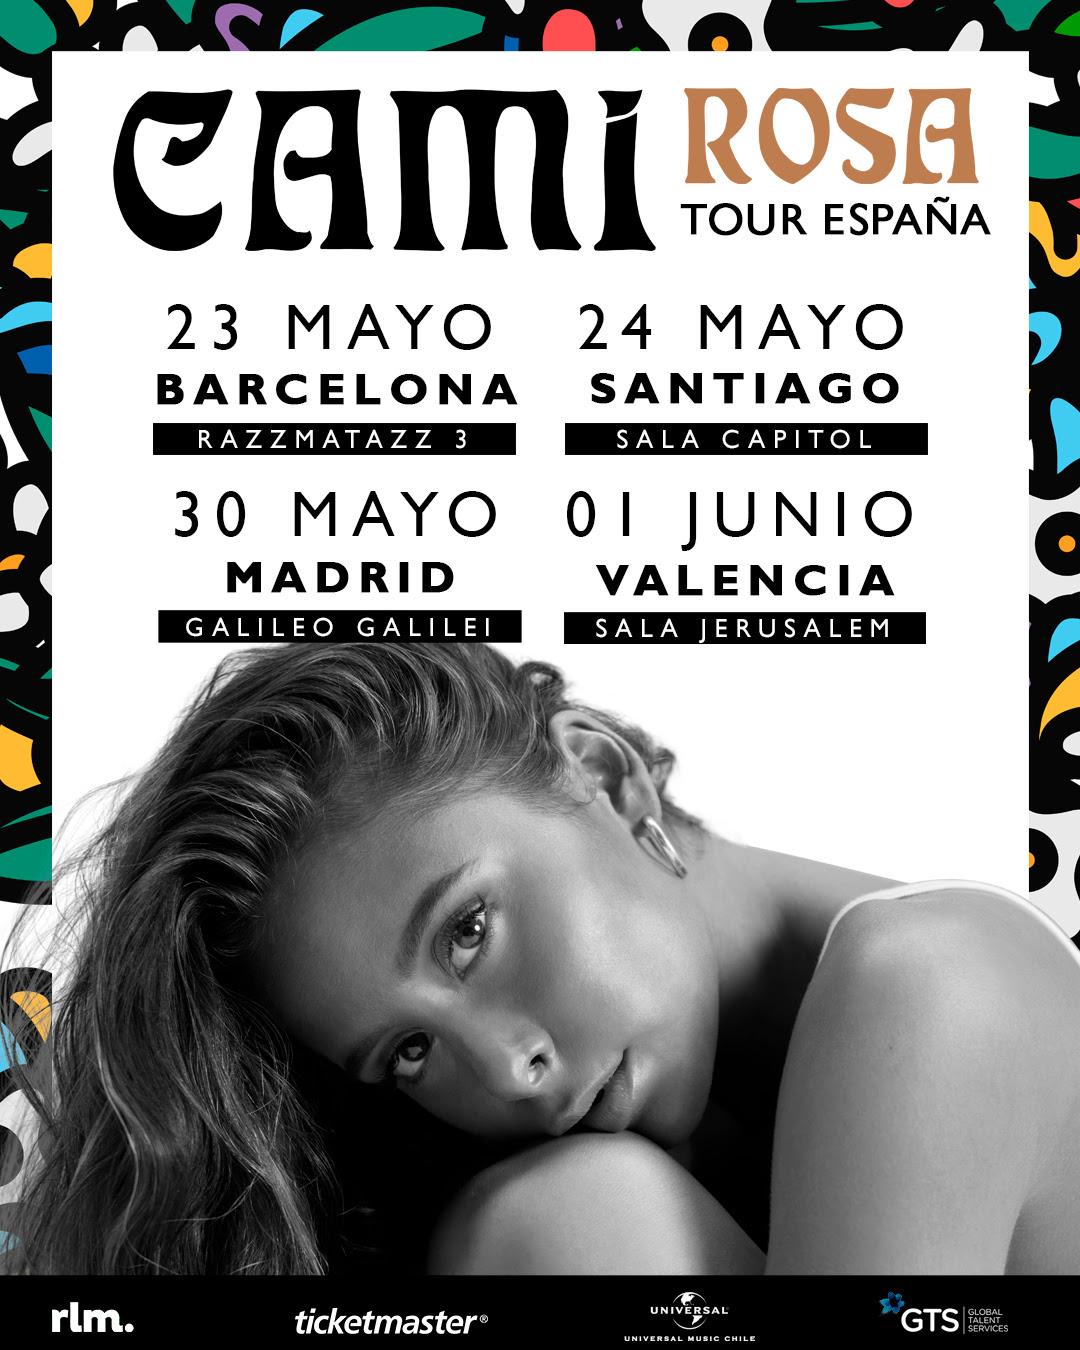 Cami_RosaTour_España